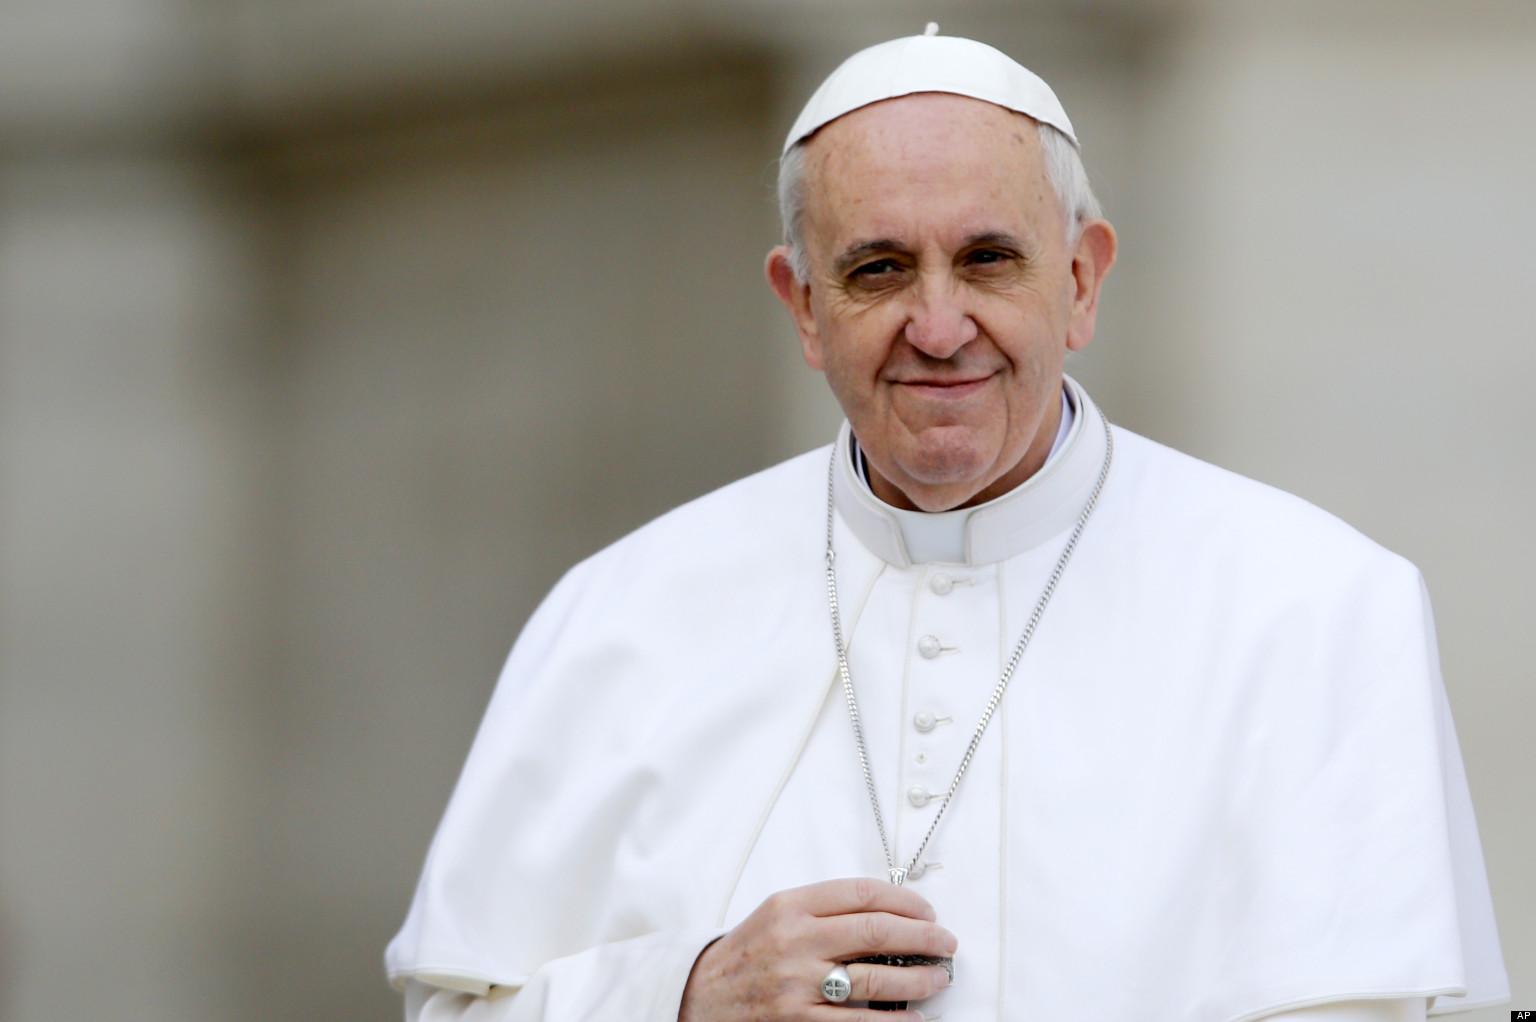 """Mesajul Papei Francisc către tinerii din întreaga lume: """"Continuaţi să strigaţi! Liderii corupţi vă vor anesteziaţi, nu vă lăsaţi!"""""""